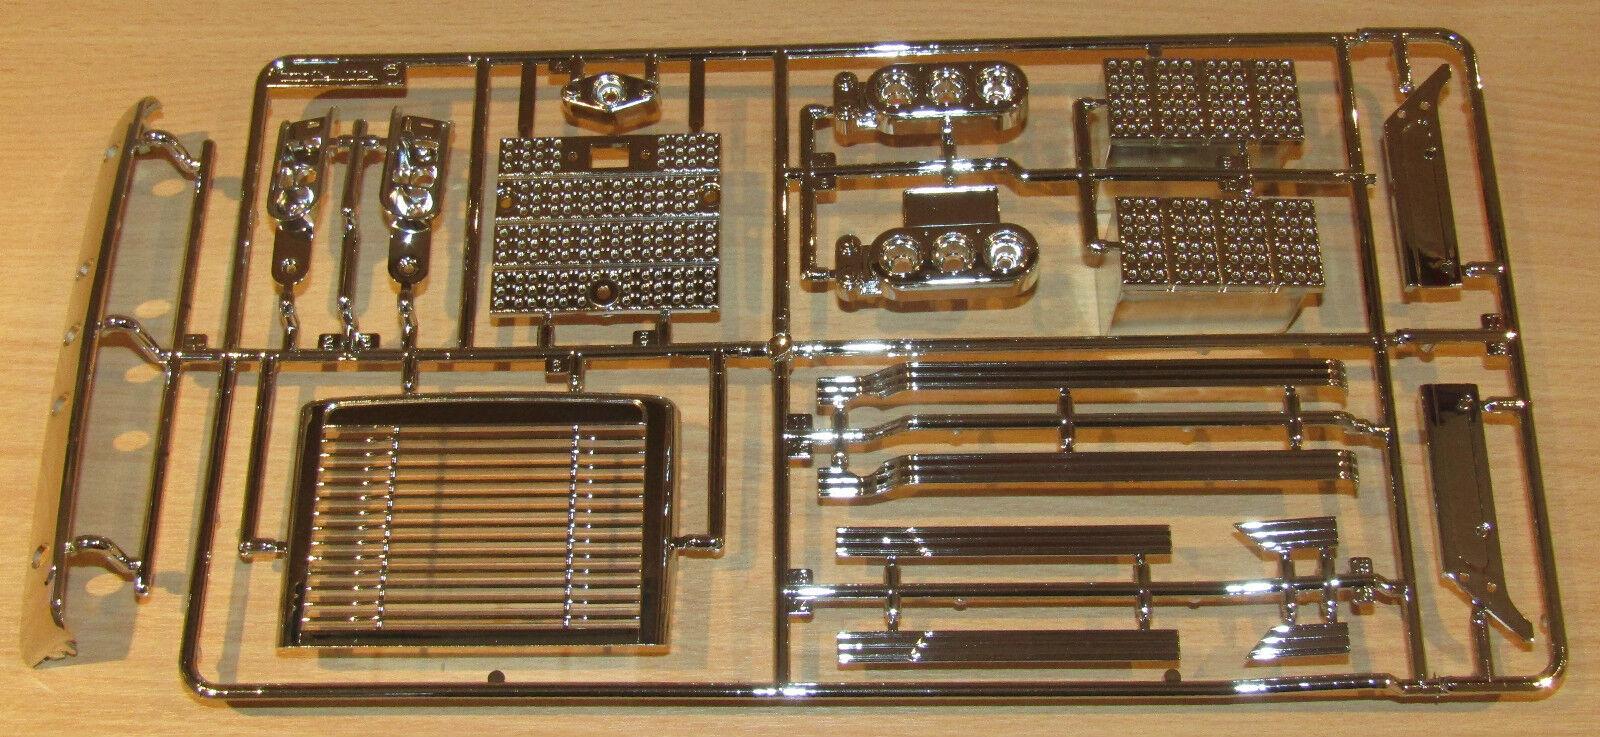 Tamiya 56314 Knight Hauler, 9115132 19115132 P Parts (Grill), NEW